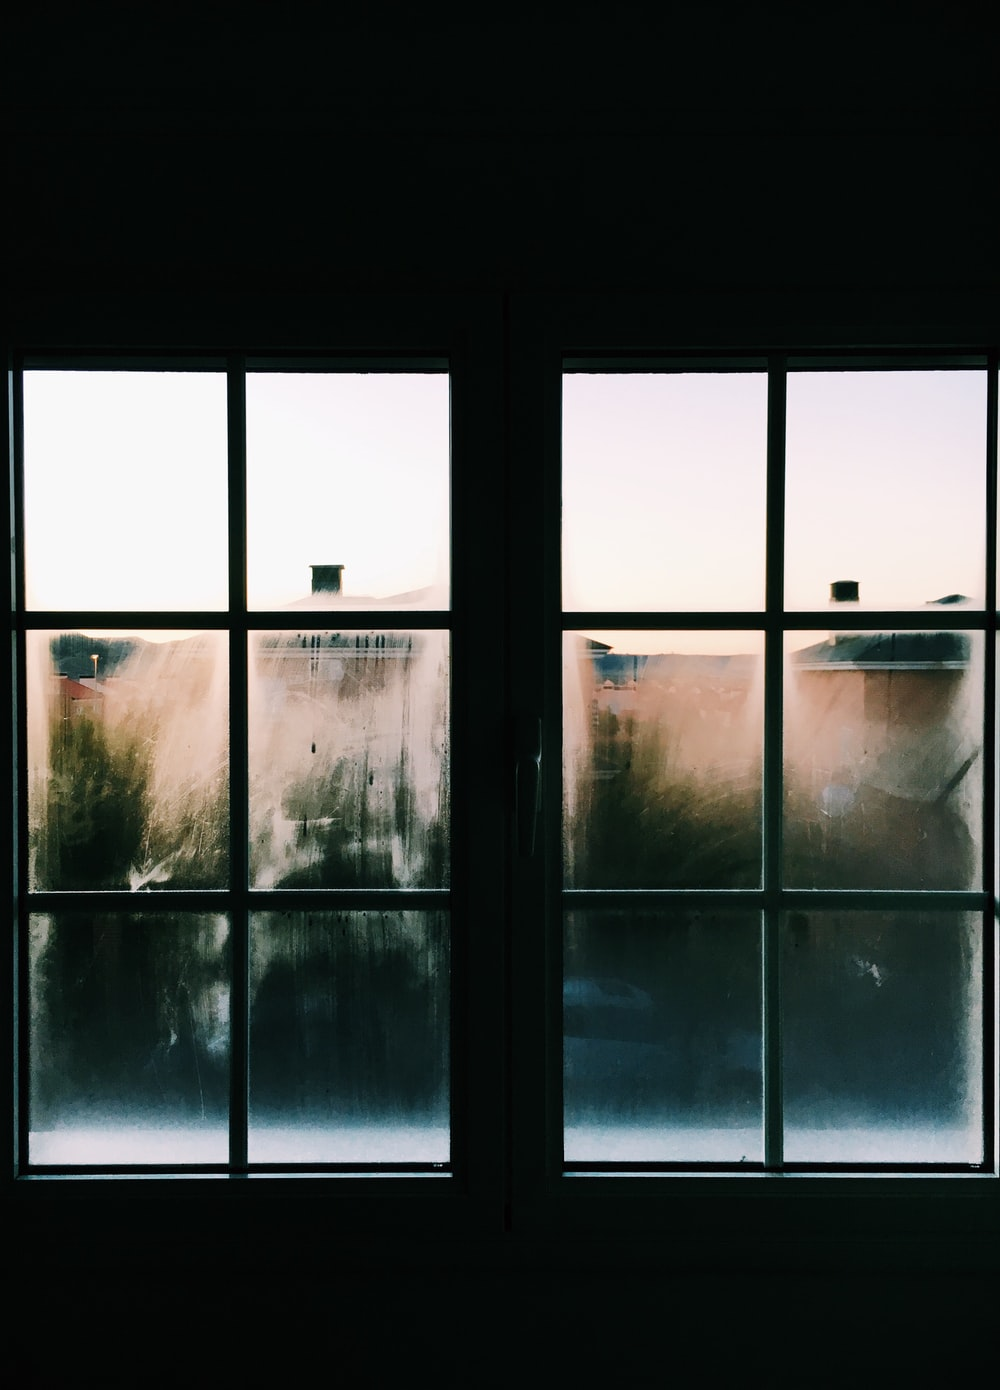 white steel window